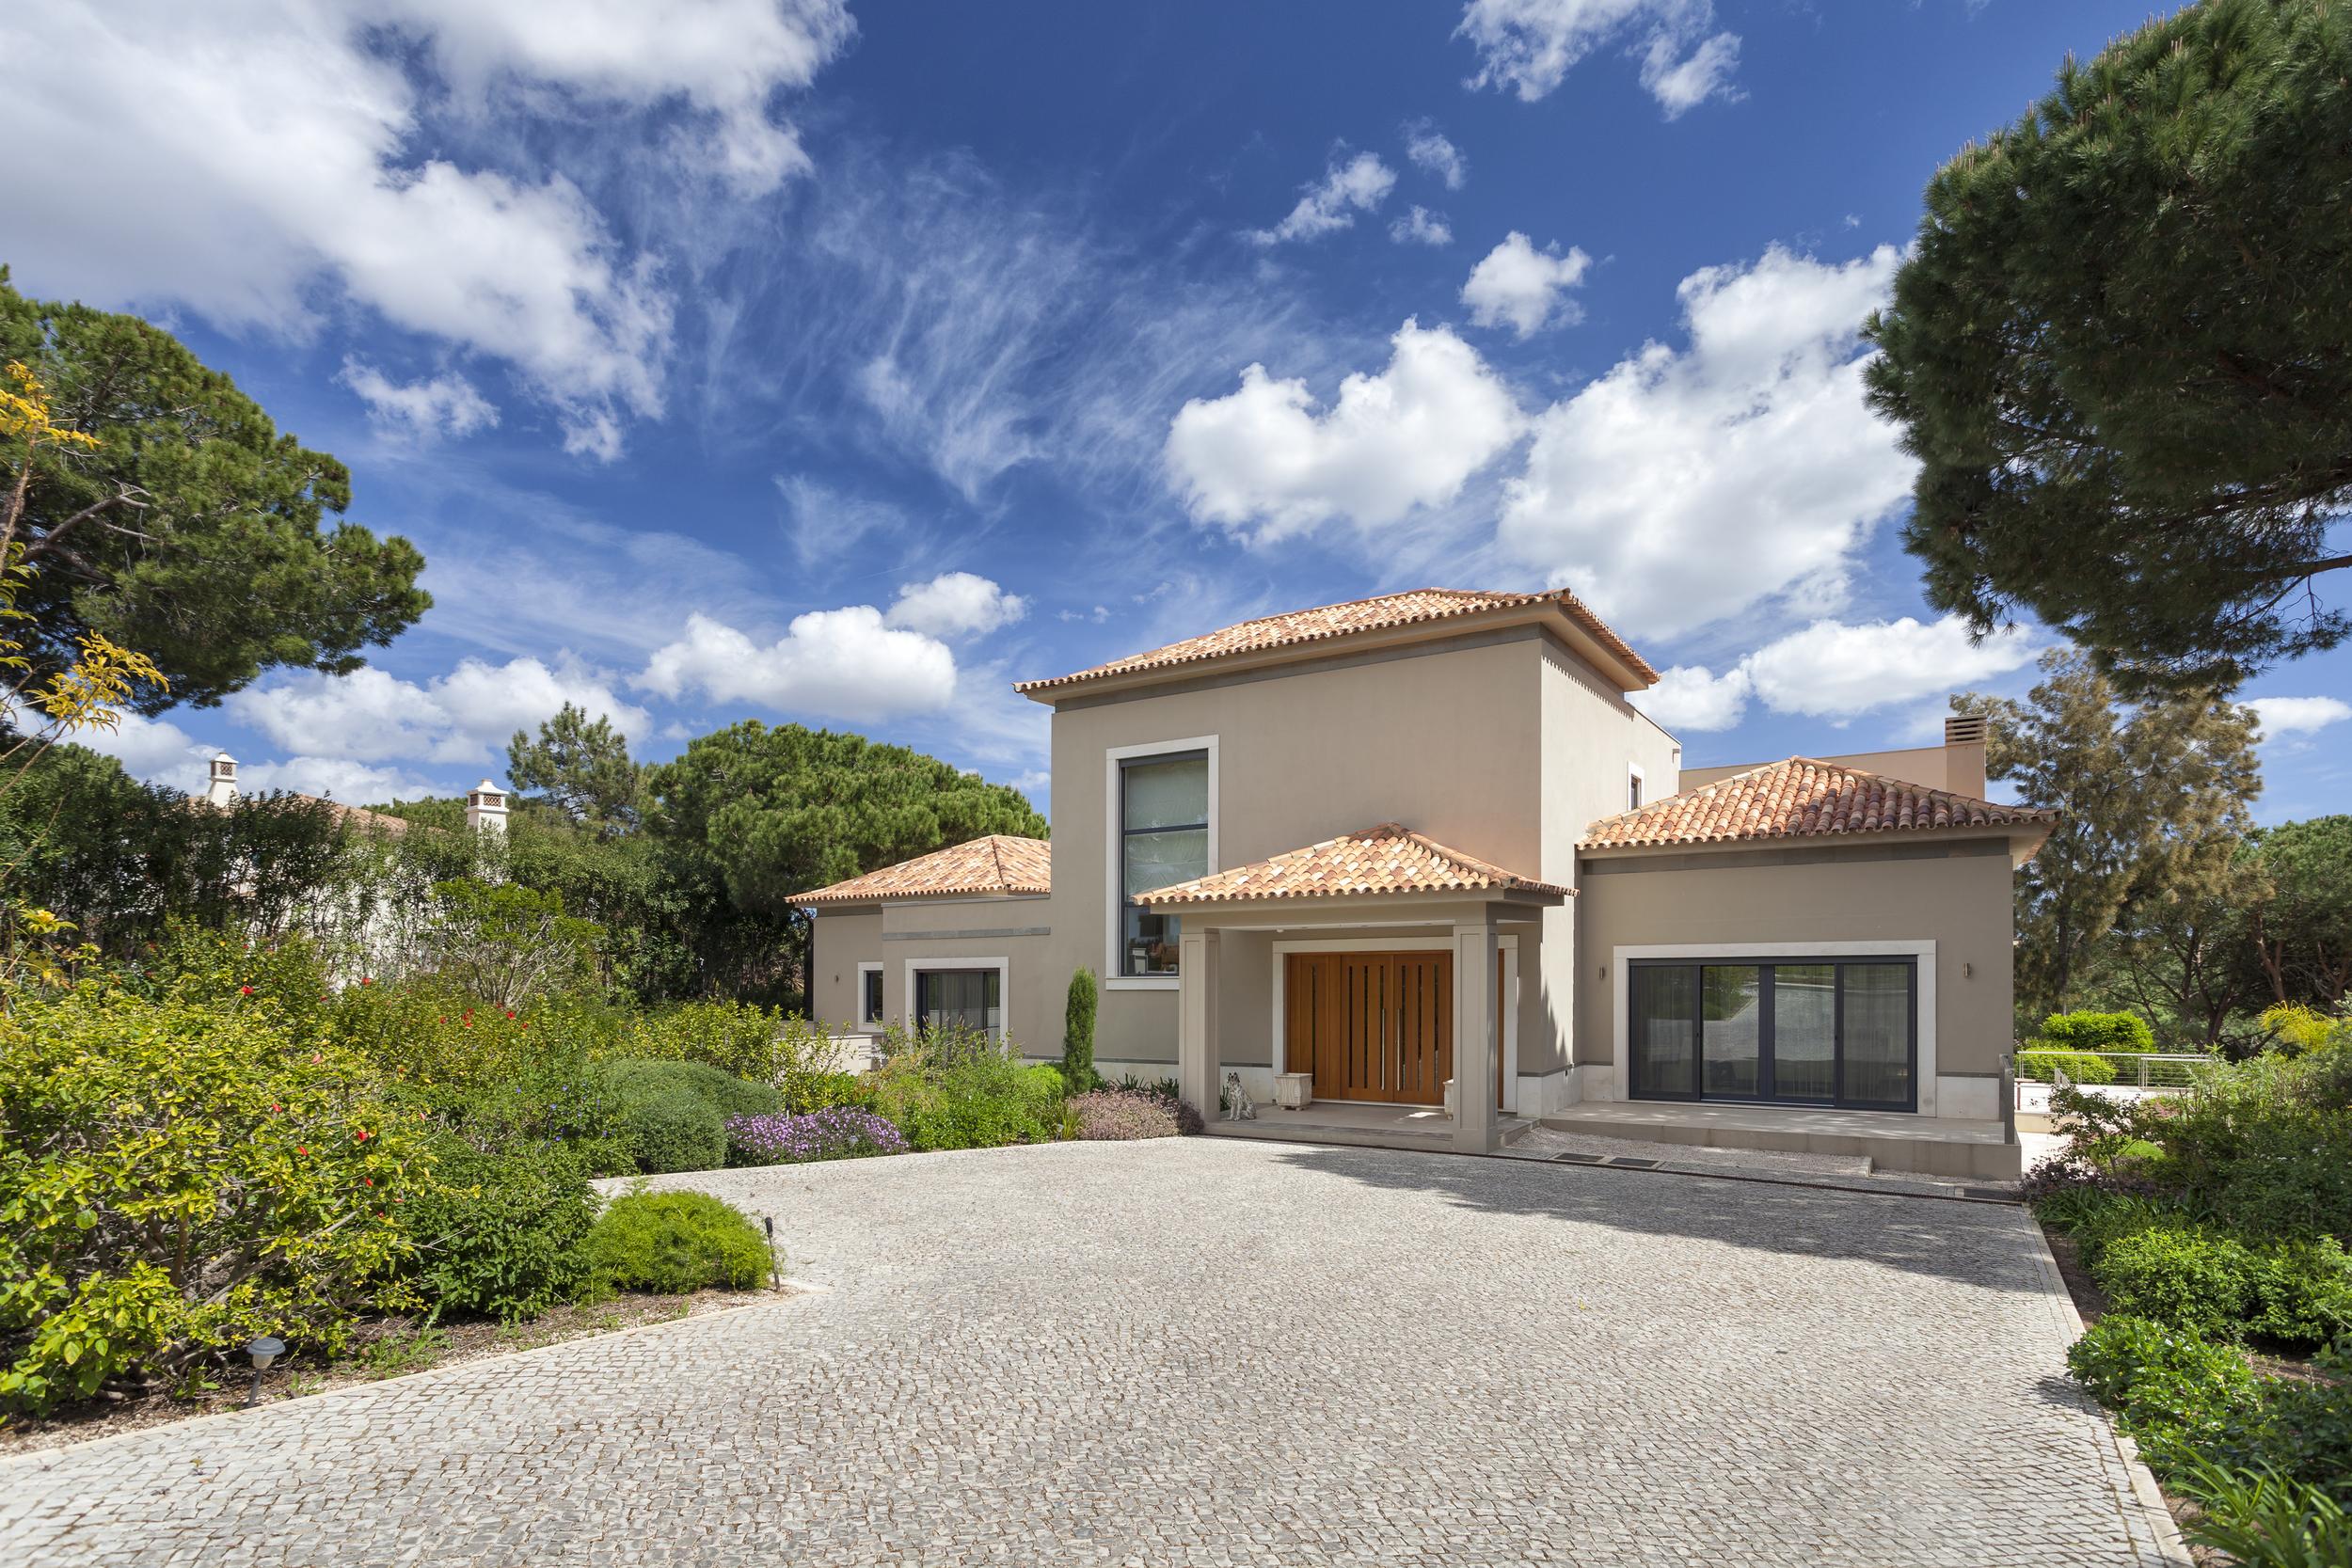 4 bedroom villa to rent in Quinta do Lago, RLV, Villa Serpentine,28.jpg